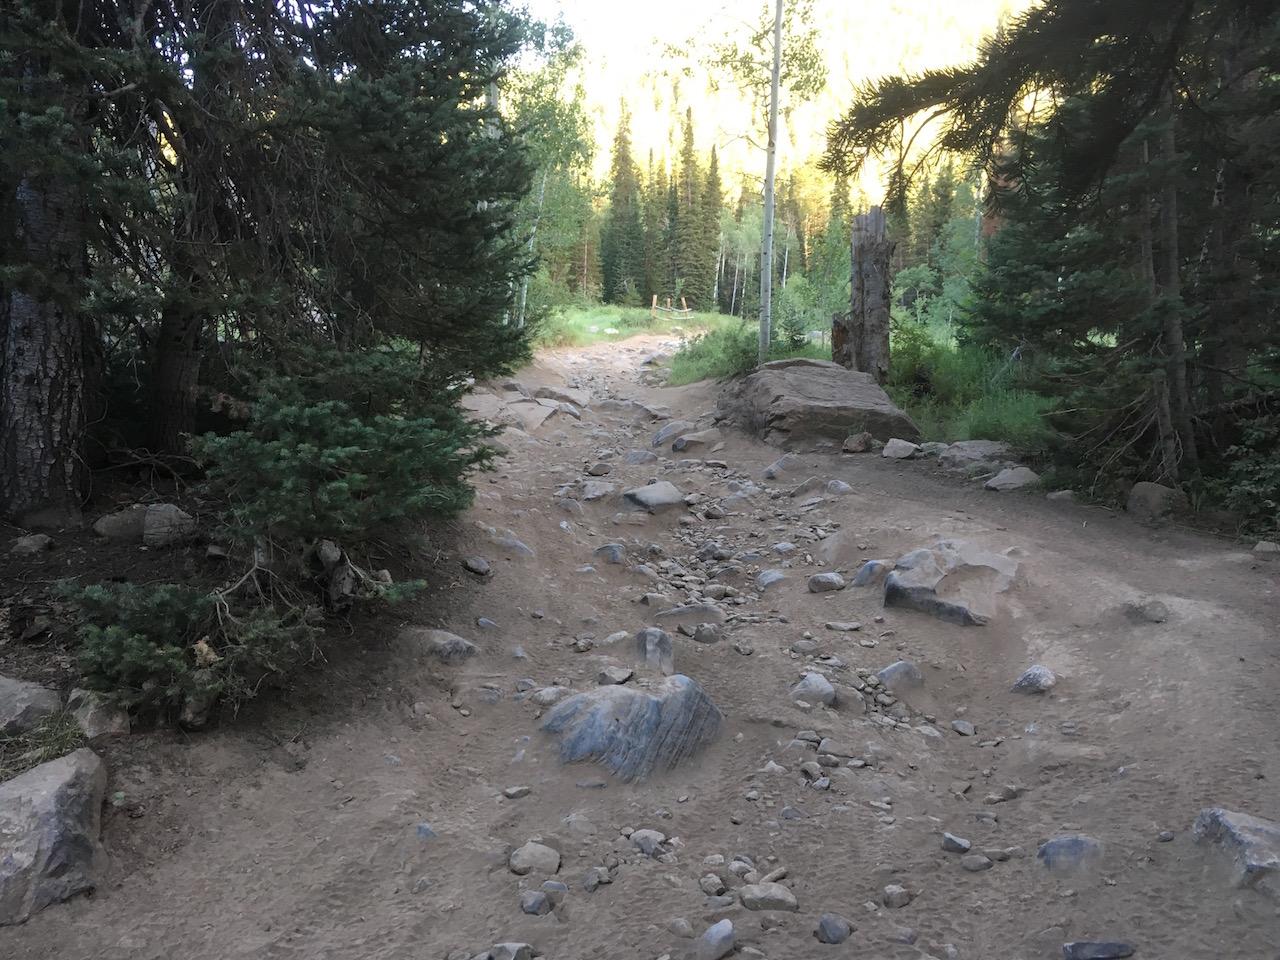 Forest Lake - Waypoint 5: Second Rock Garden